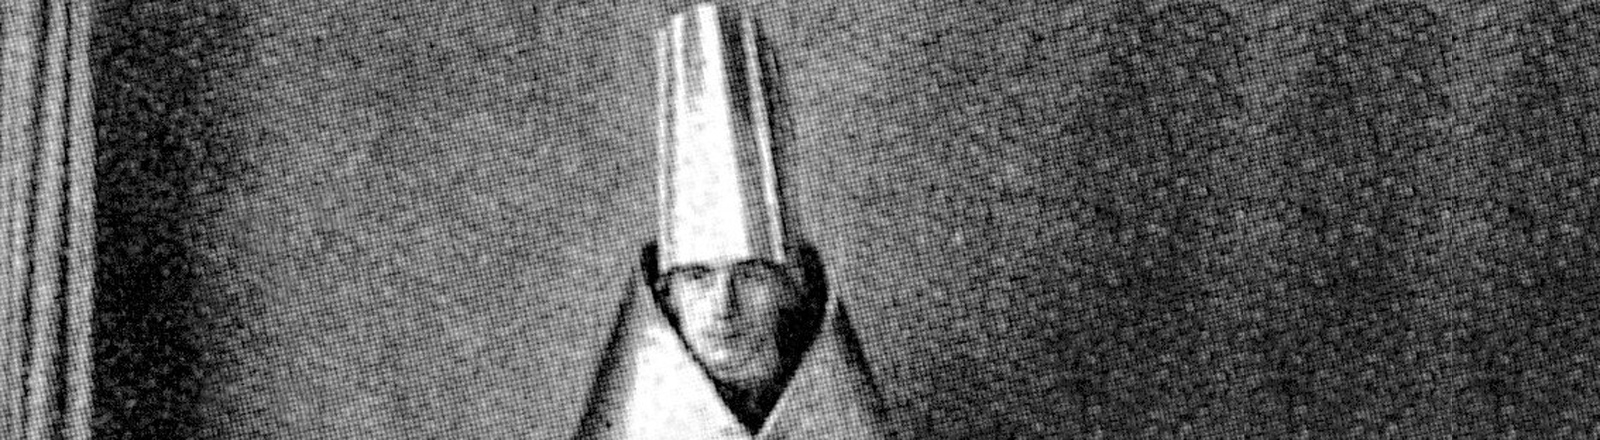 Das zeitgenössische Porträt zeigt den deutschen Dadaisten Gerhard Preiß.